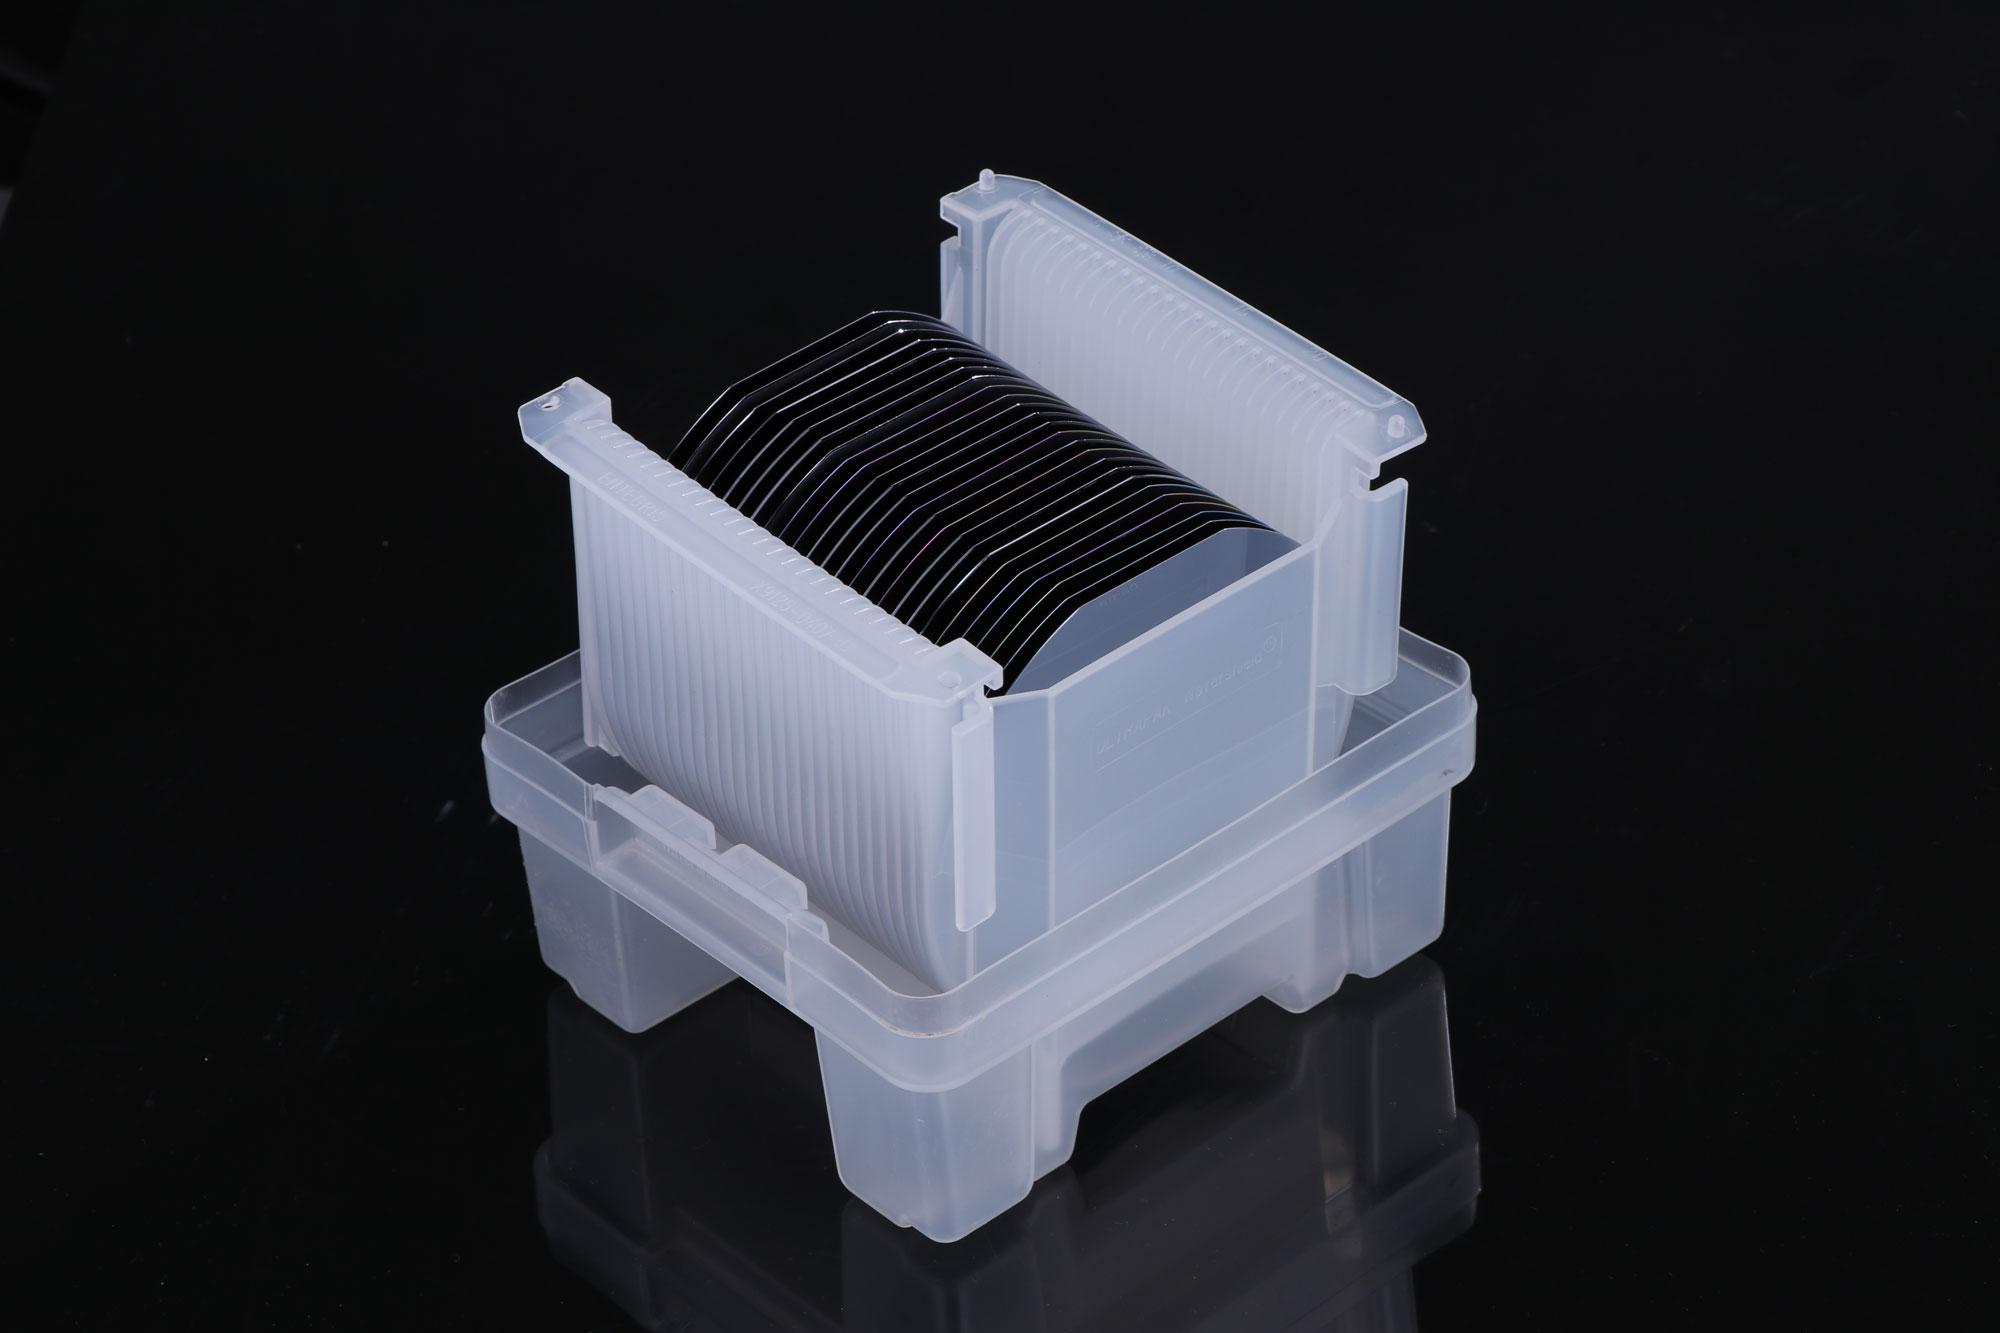 供應科研實驗專用5寸高純硅片-大量供應性價比高的5英寸IC級半導體單晶硅拋光片